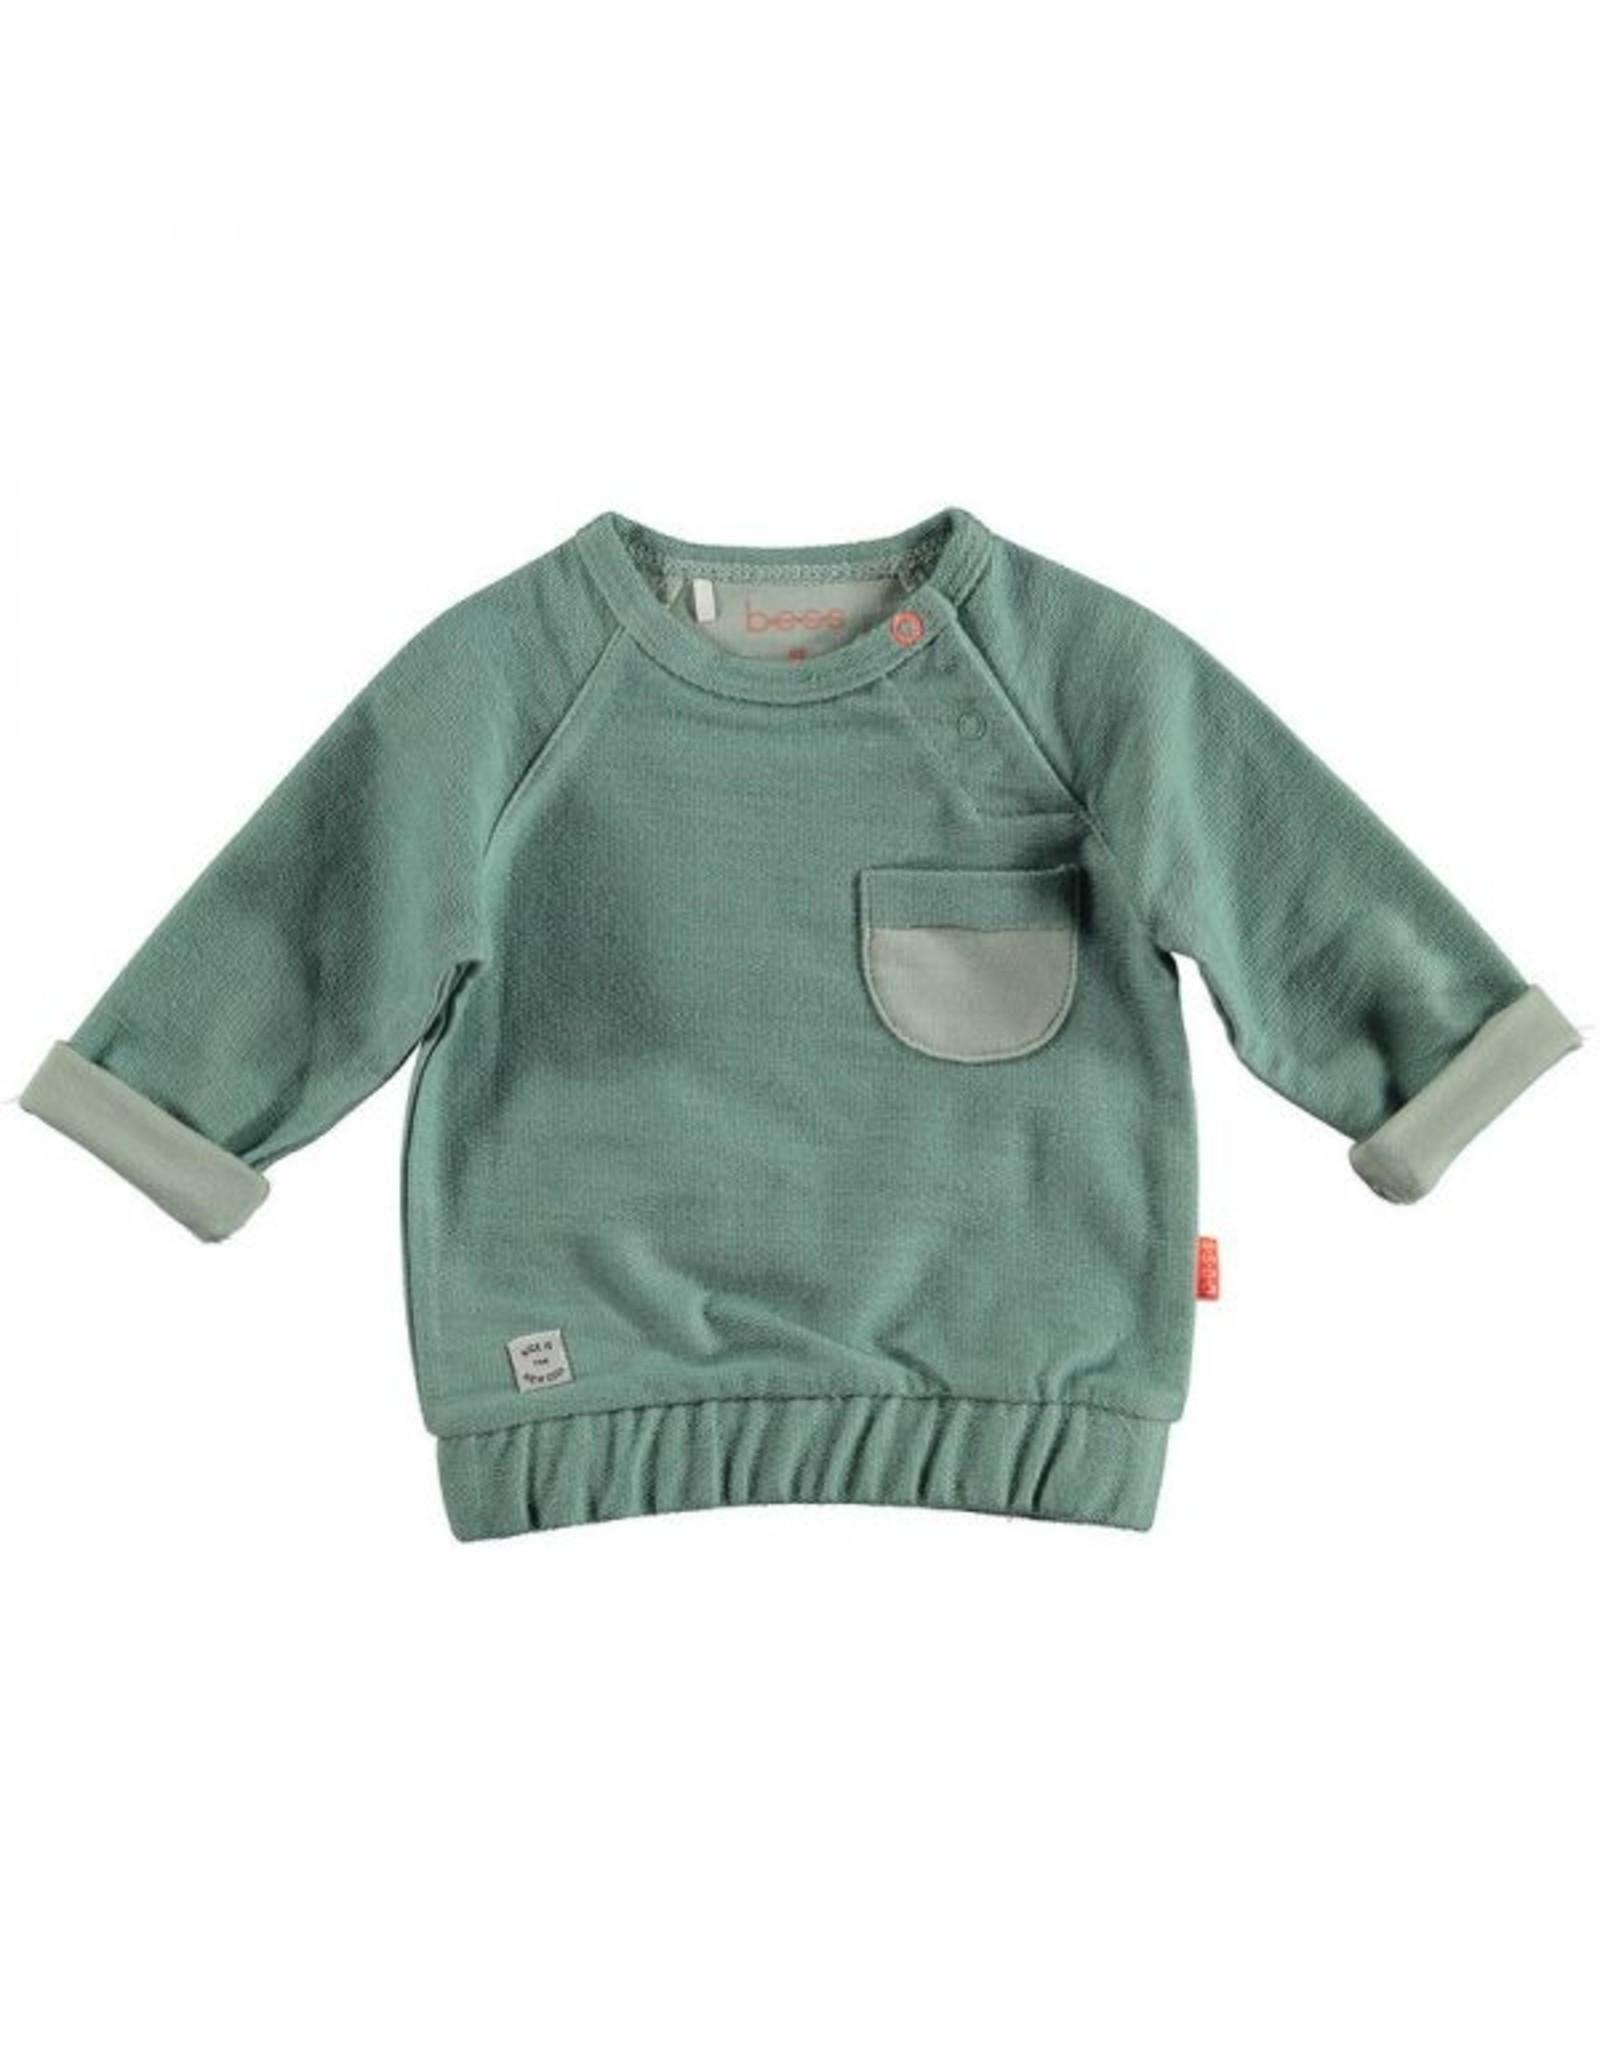 BESS BESS Sweater Pocket Green